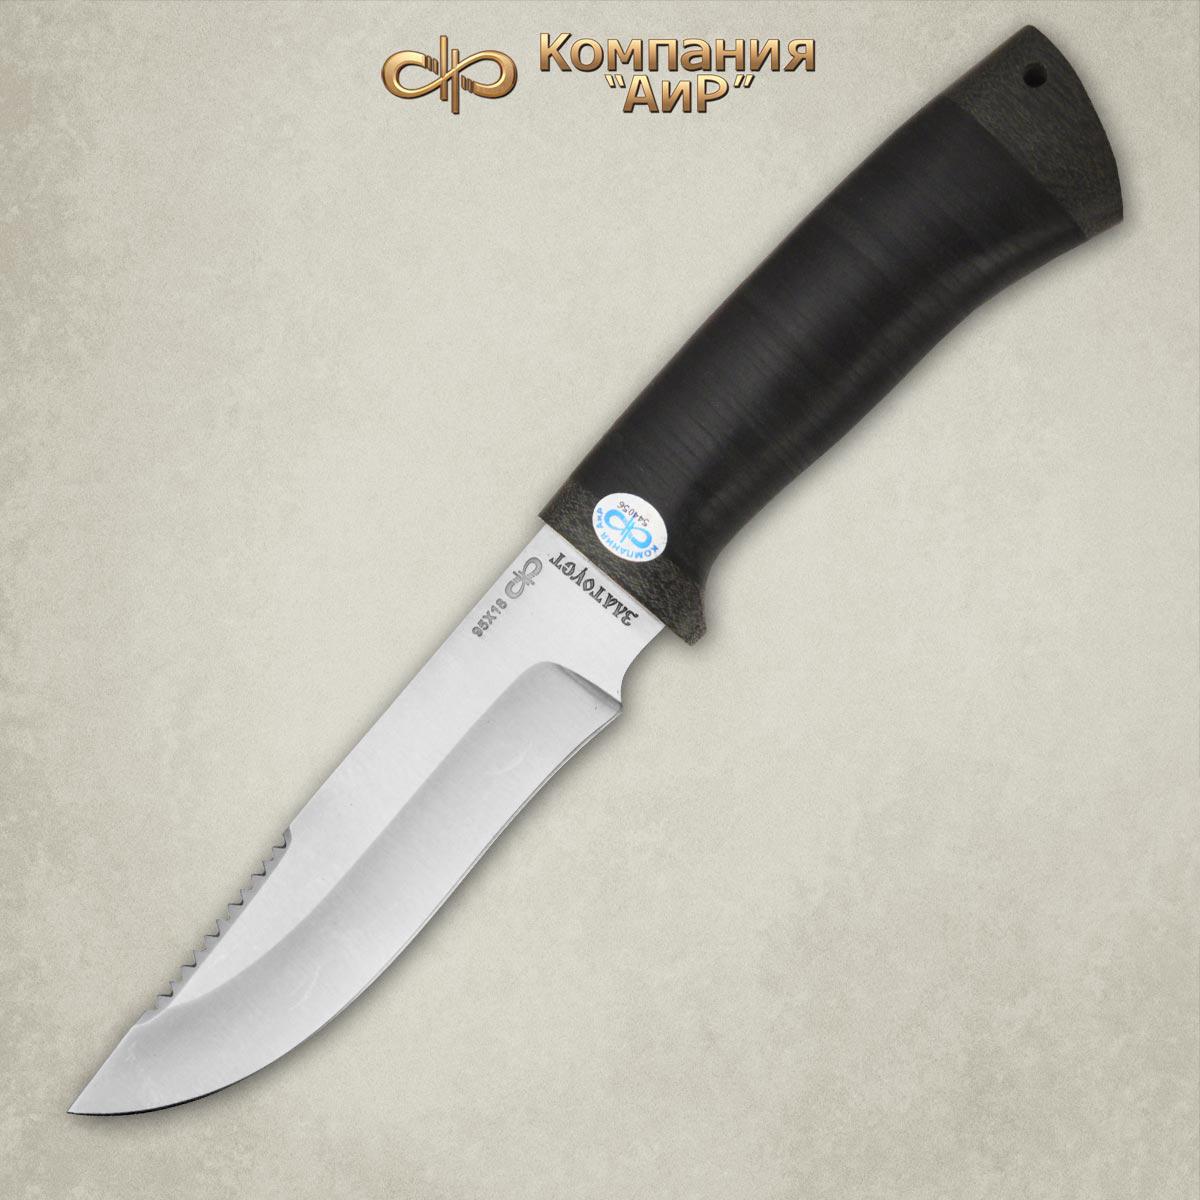 Фото 3 - Нож Стрелец, кожа, 100х13м от АиР